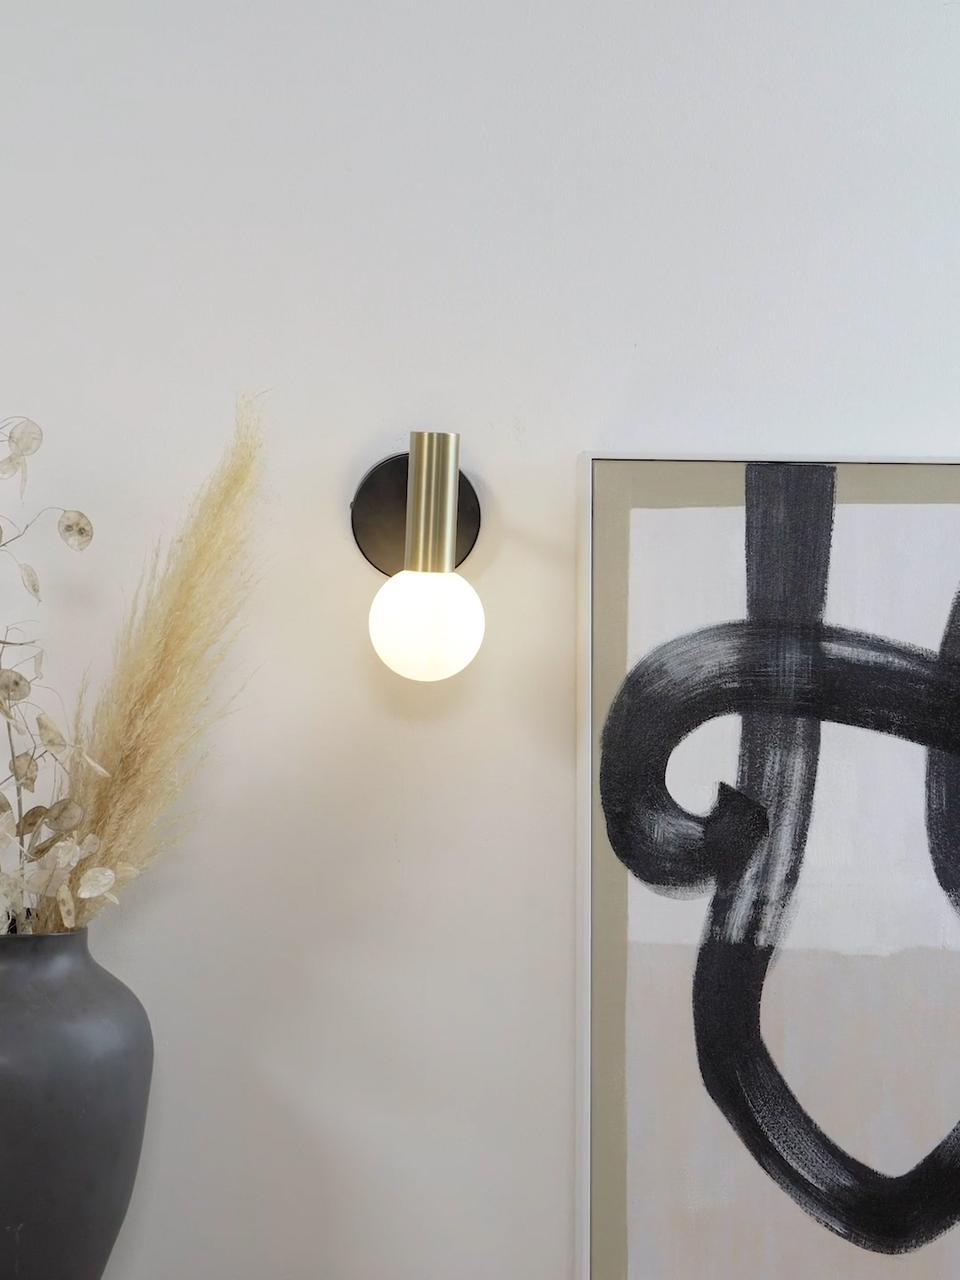 Applique murale LED moderneWilson, Noir, couleur dorée